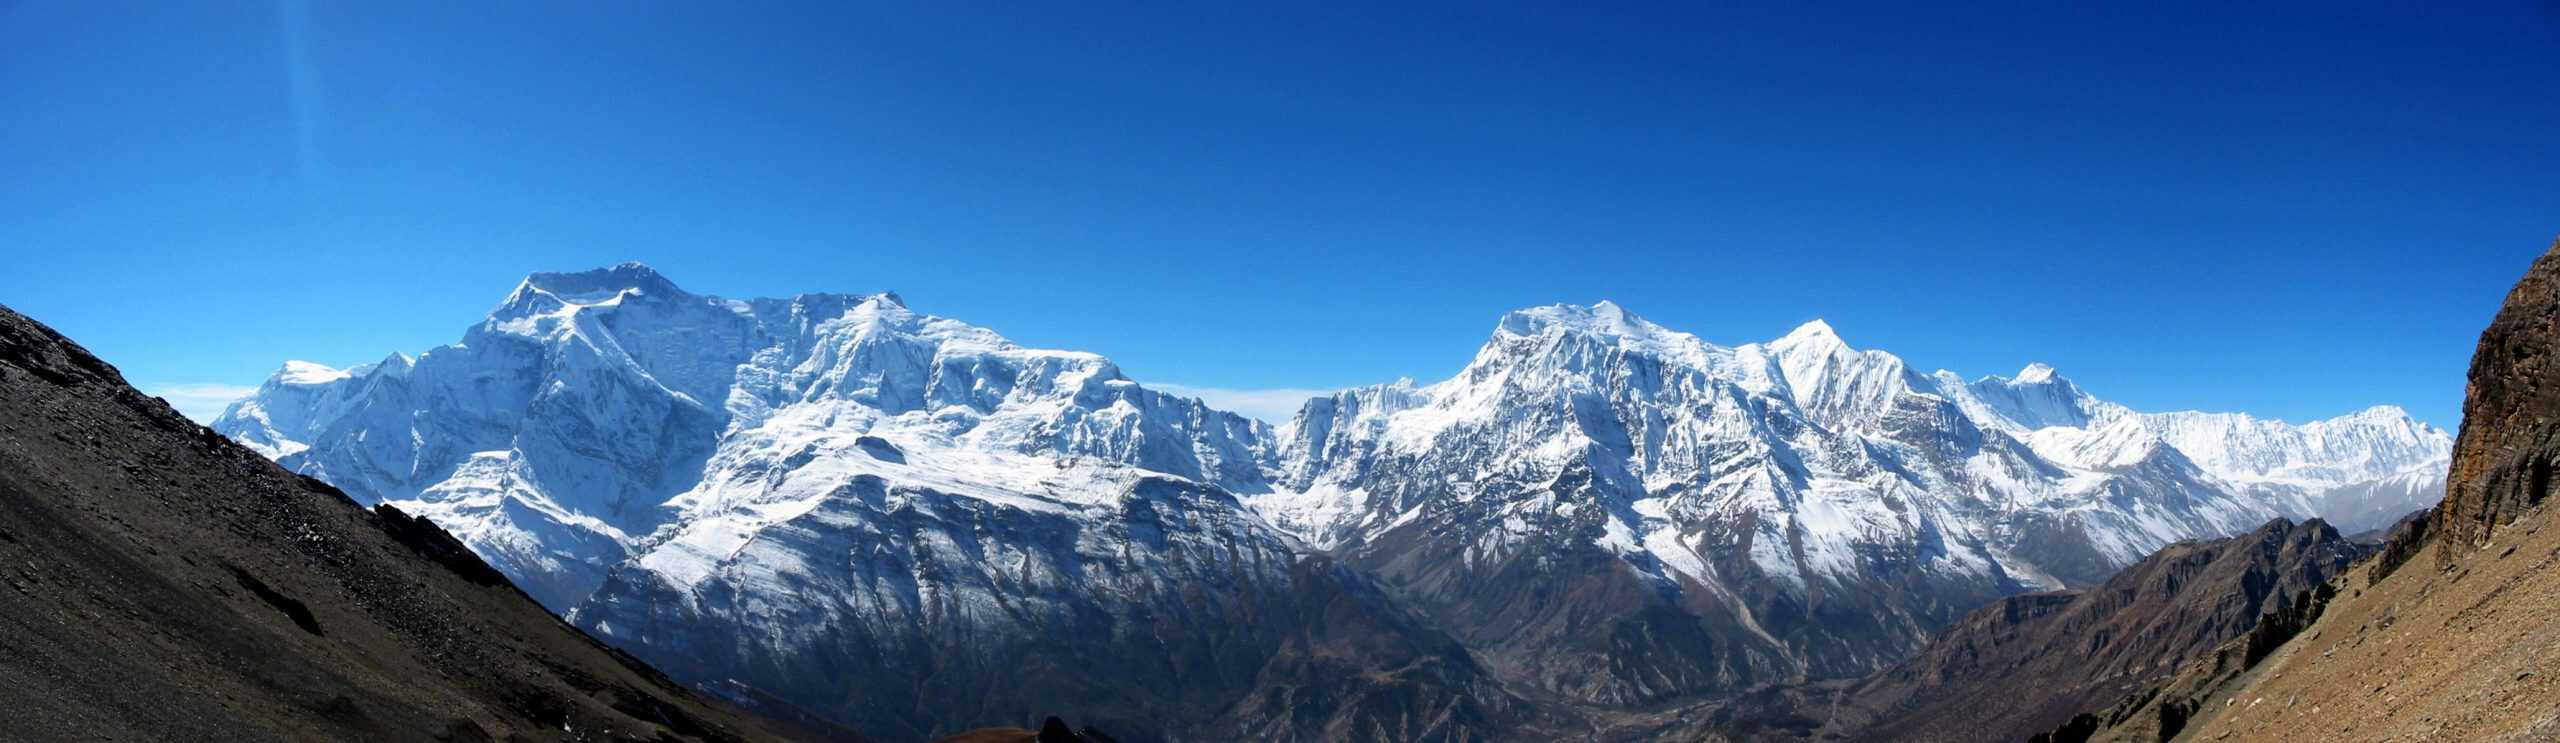 Solo Trekking in Nepal